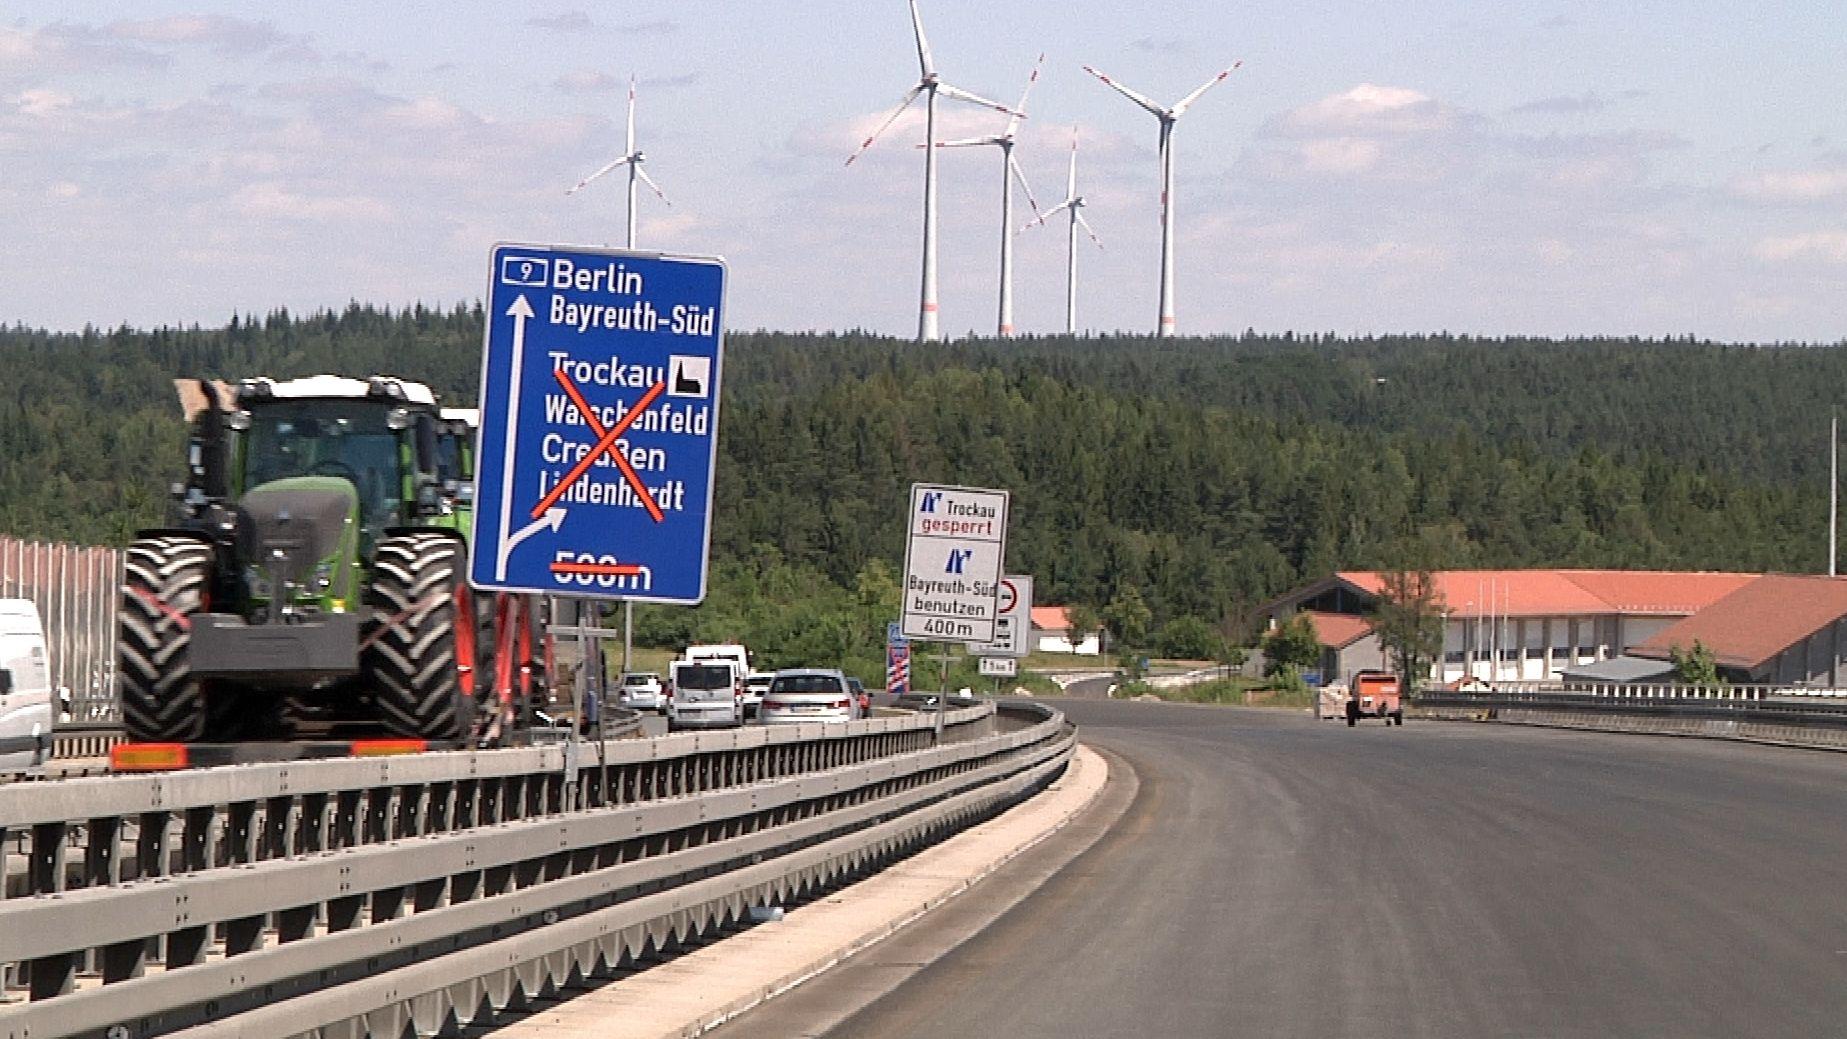 Blick auf die Autobahn: Ein Schild ist mit roten Aufklebern durchgestrichen.